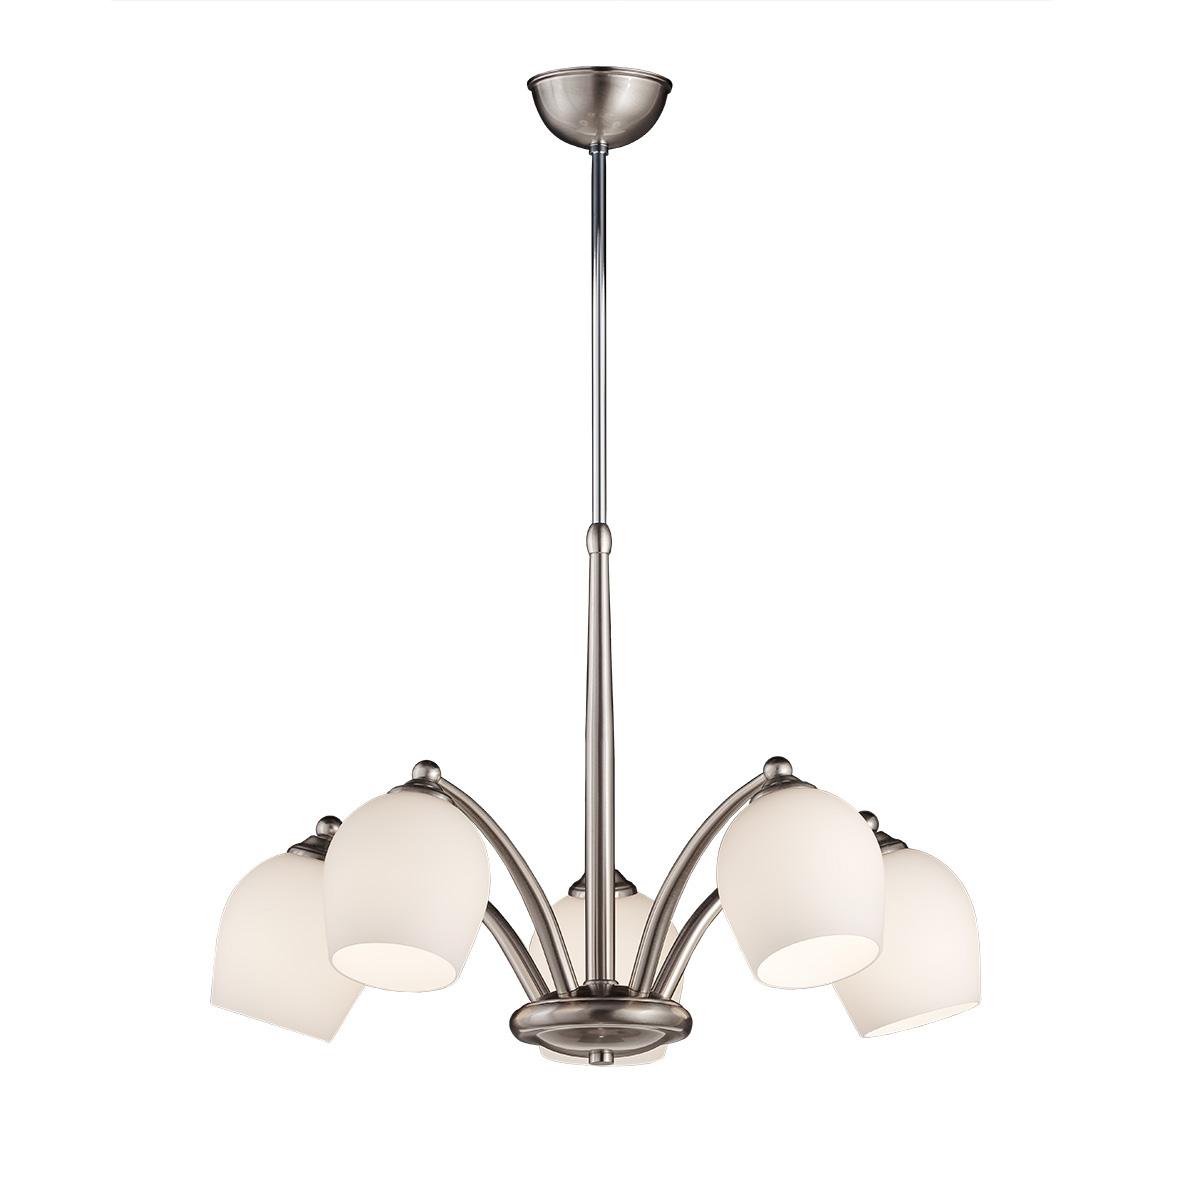 Φωτιστικό πολύφωτο SWING modern chandelier